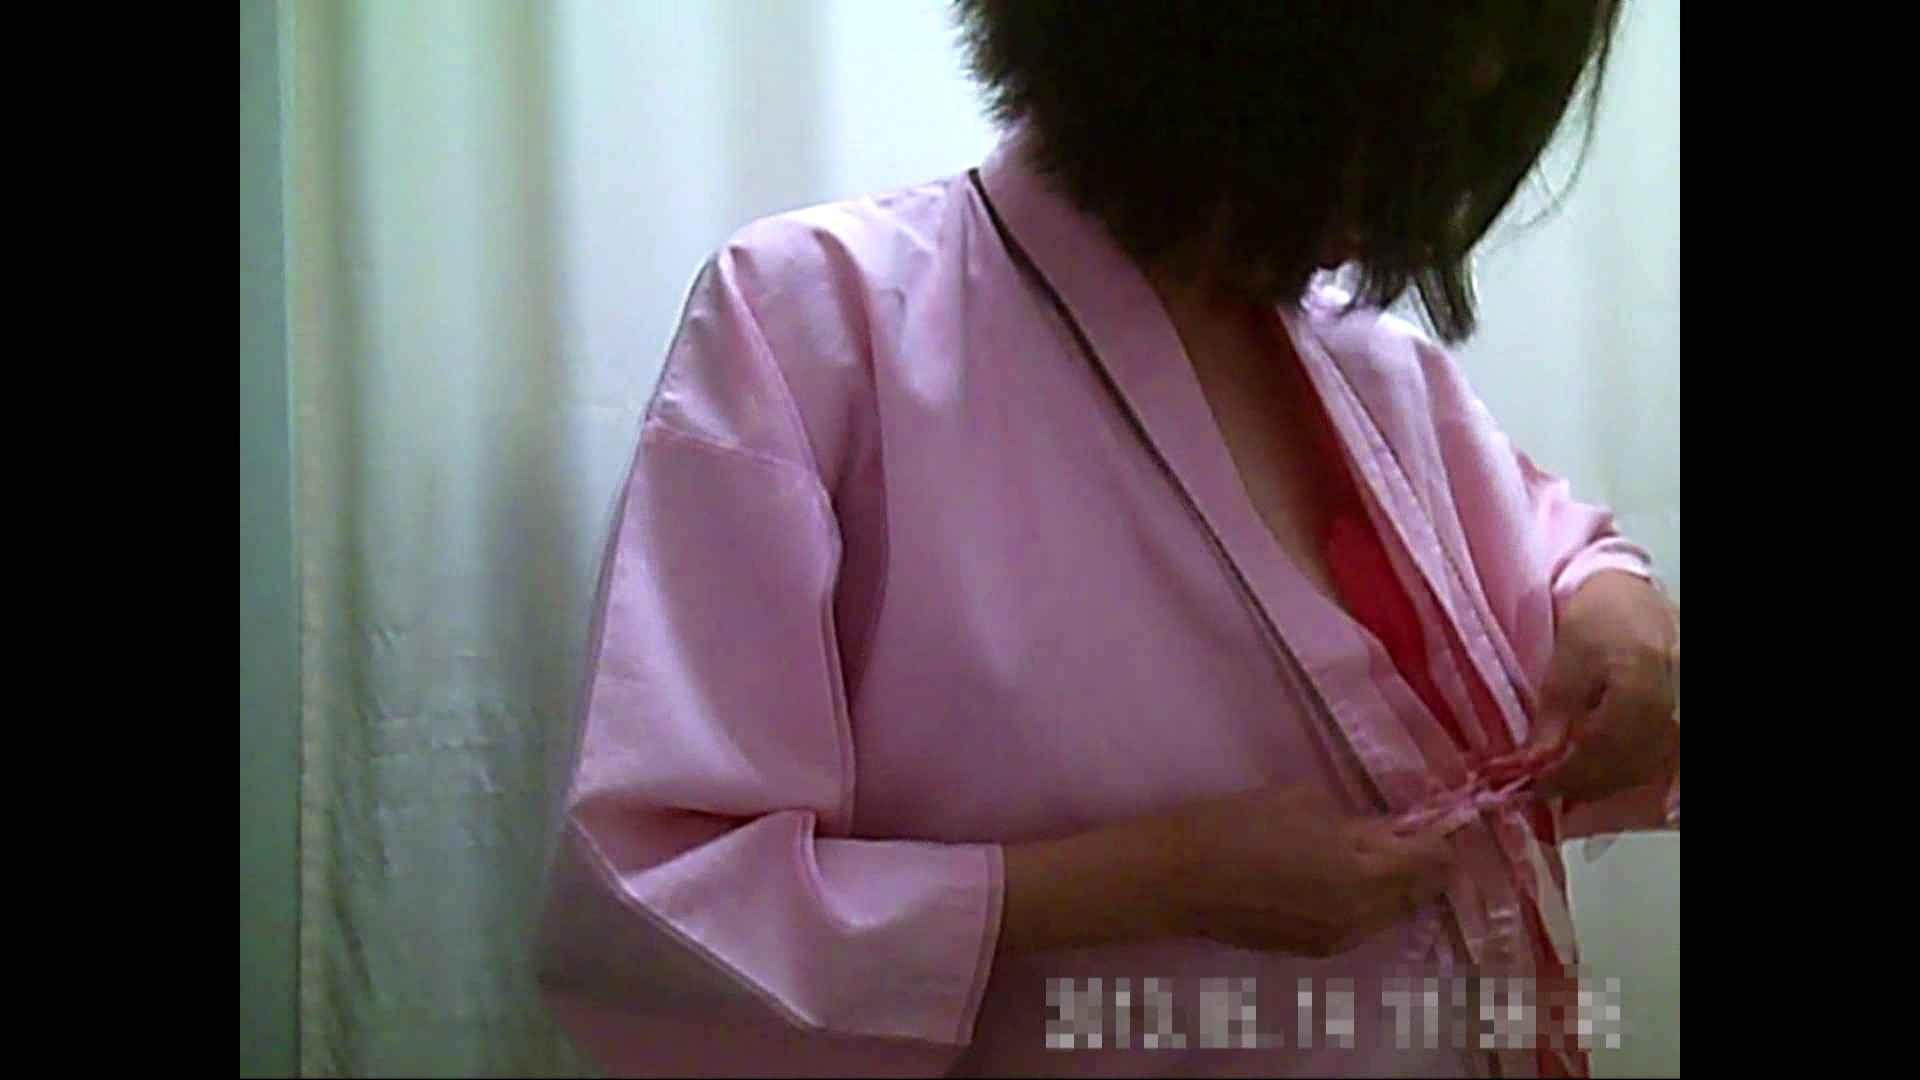 病院おもいっきり着替え! vol.212 おっぱい 盗撮オマンコ無修正動画無料 97PICs 18